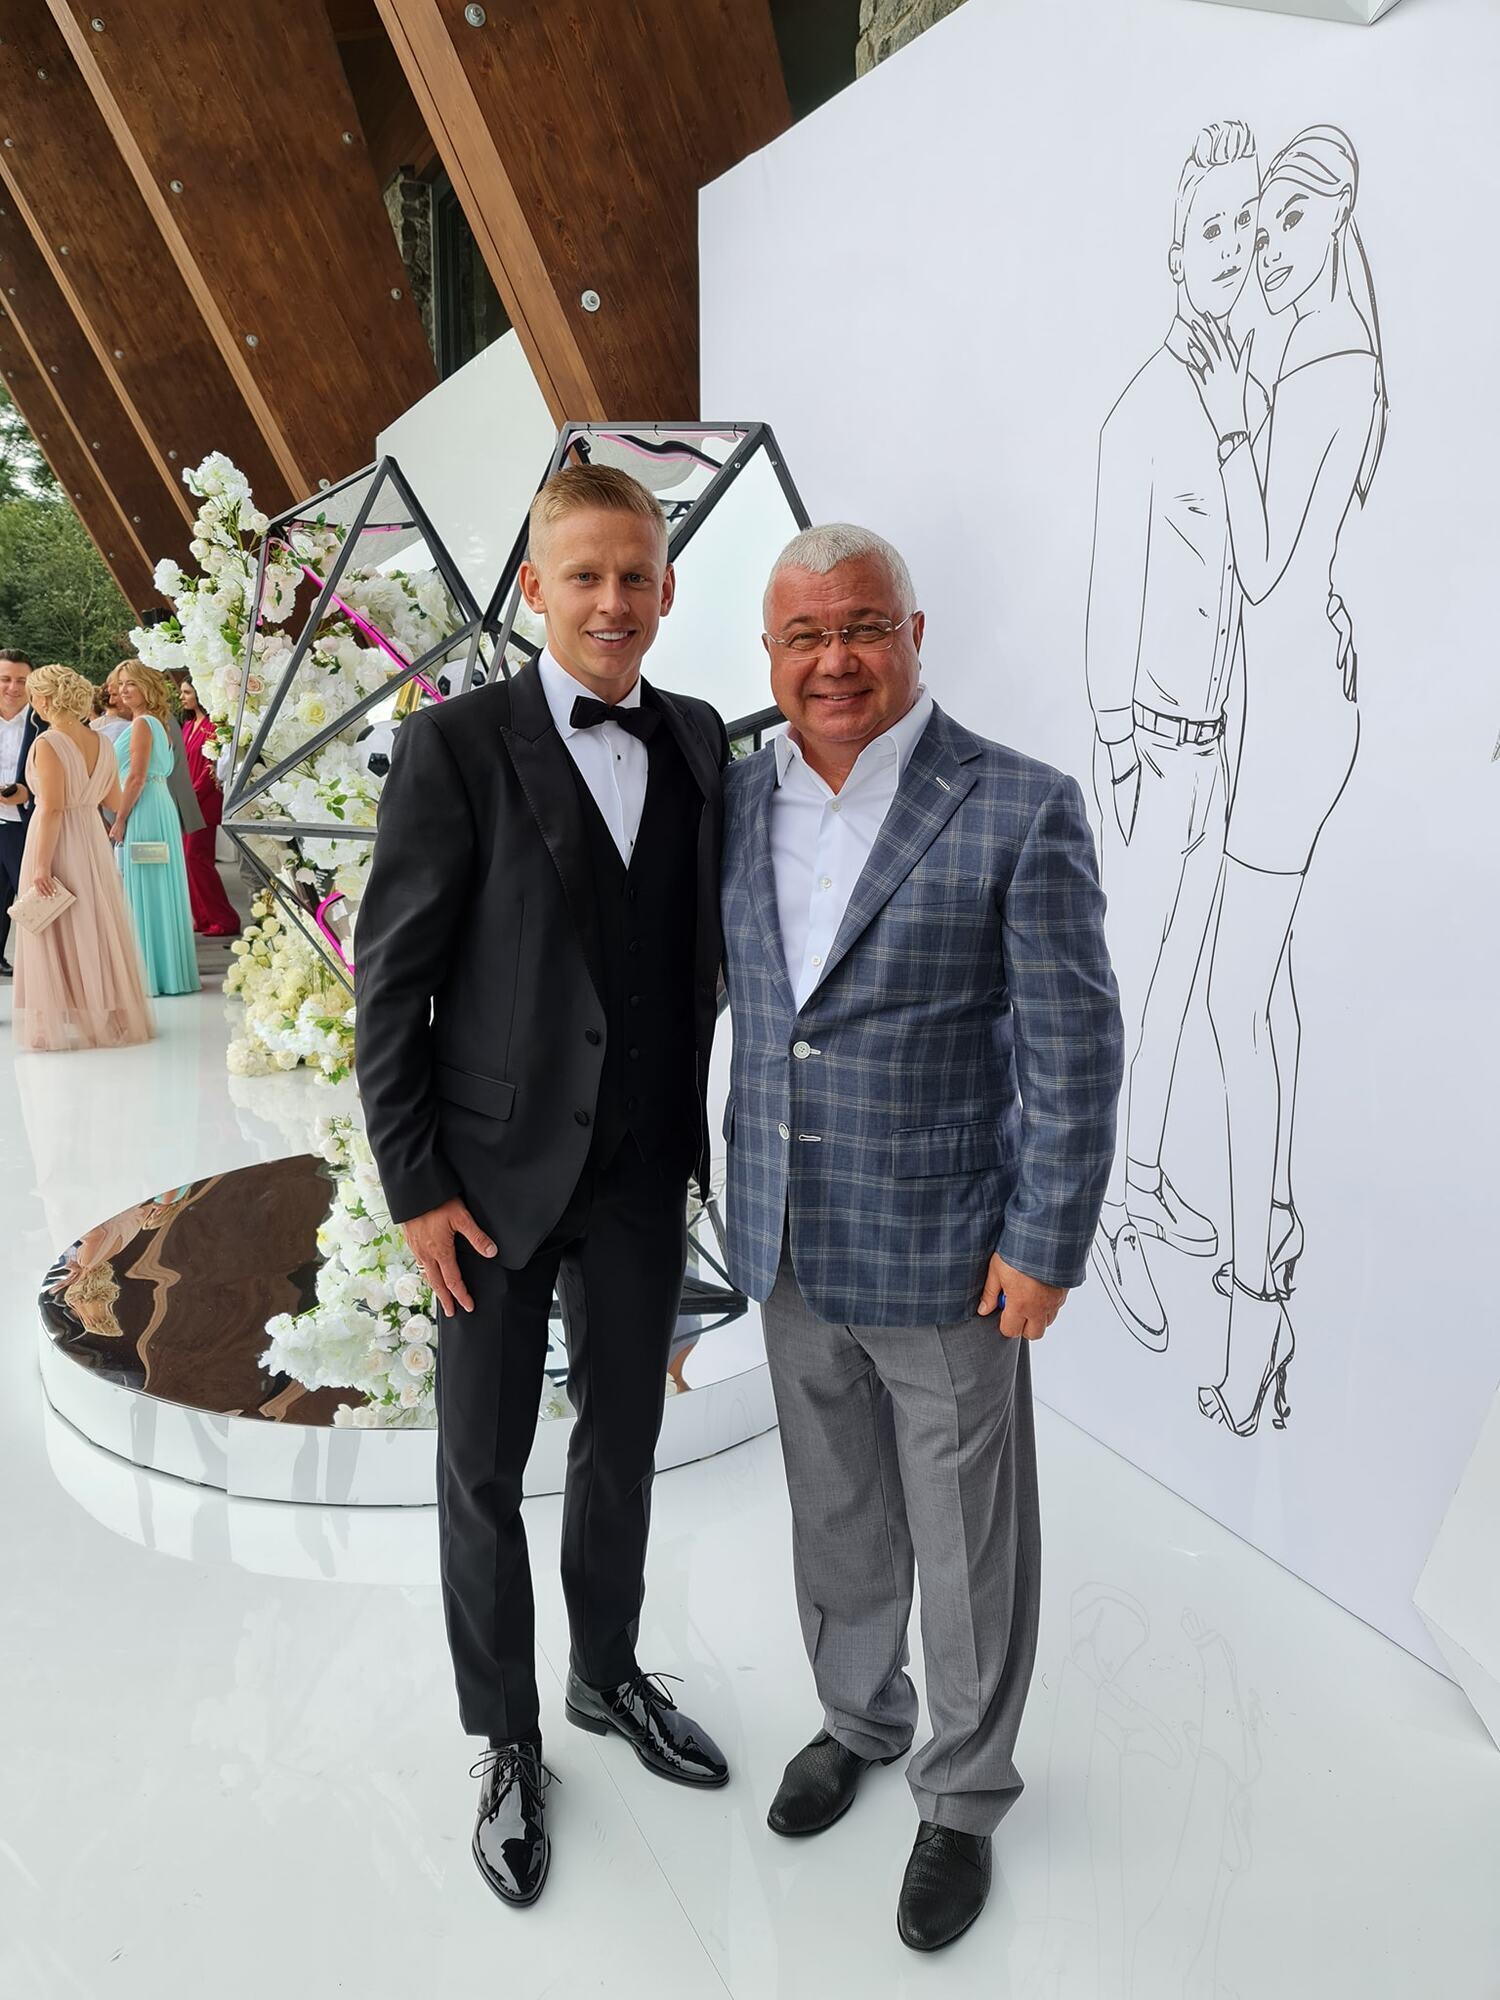 Олександр Зінченко запросив на весілля Юрія Сапронова (праворуч)